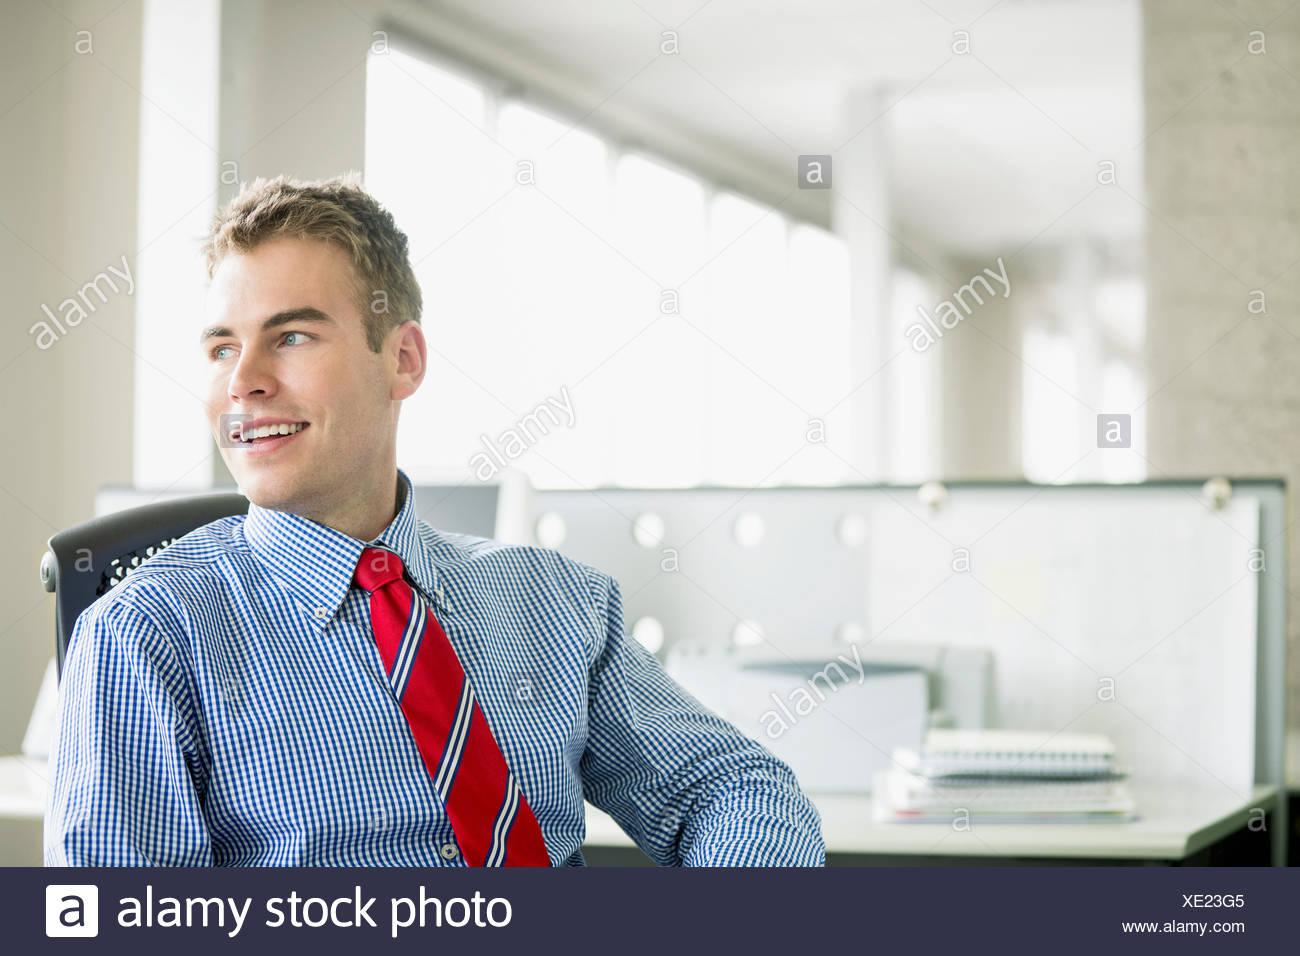 hübsche, junge Erwachsene Geschäftsmann im Büro Stockbild